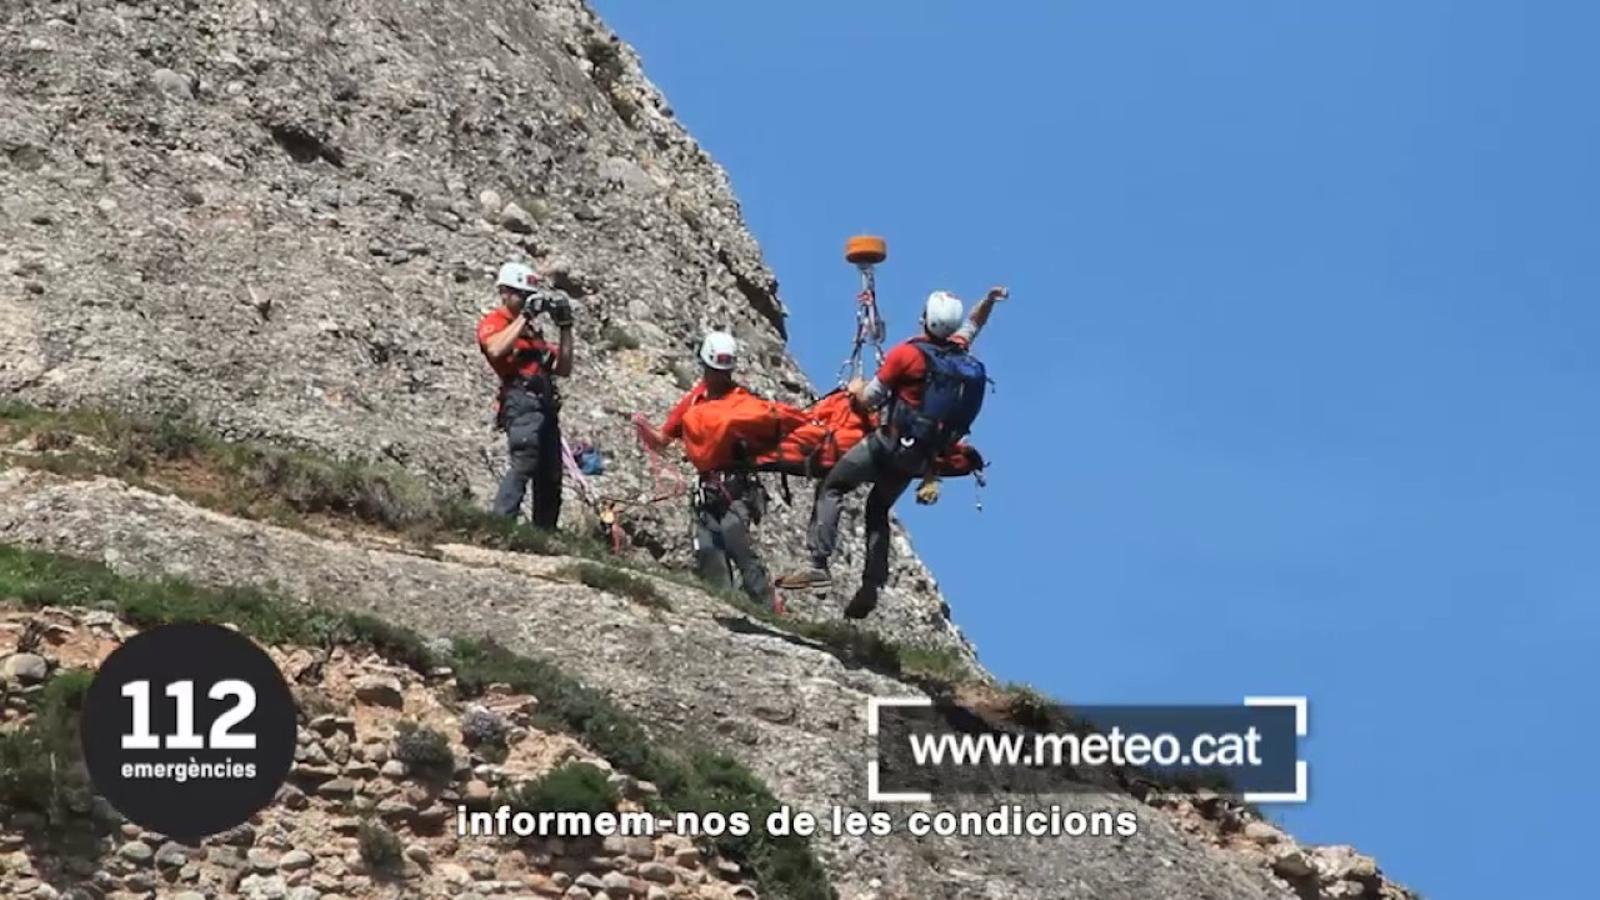 Consells seguretat a la muntanya: